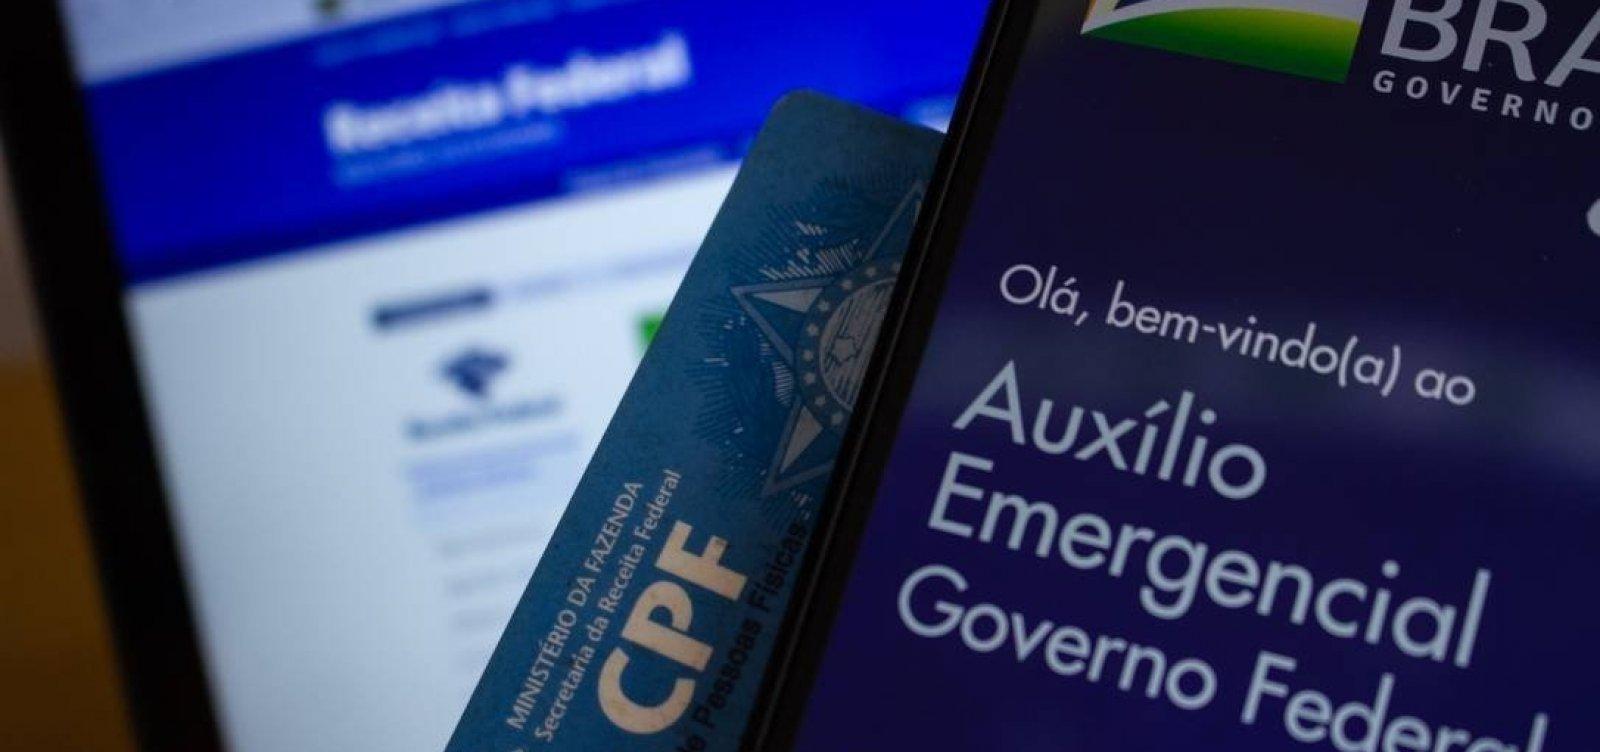 [Caixa paga nesta sexta auxílio emergencial a 3,4 milhões de pessoas nascidas em abril]